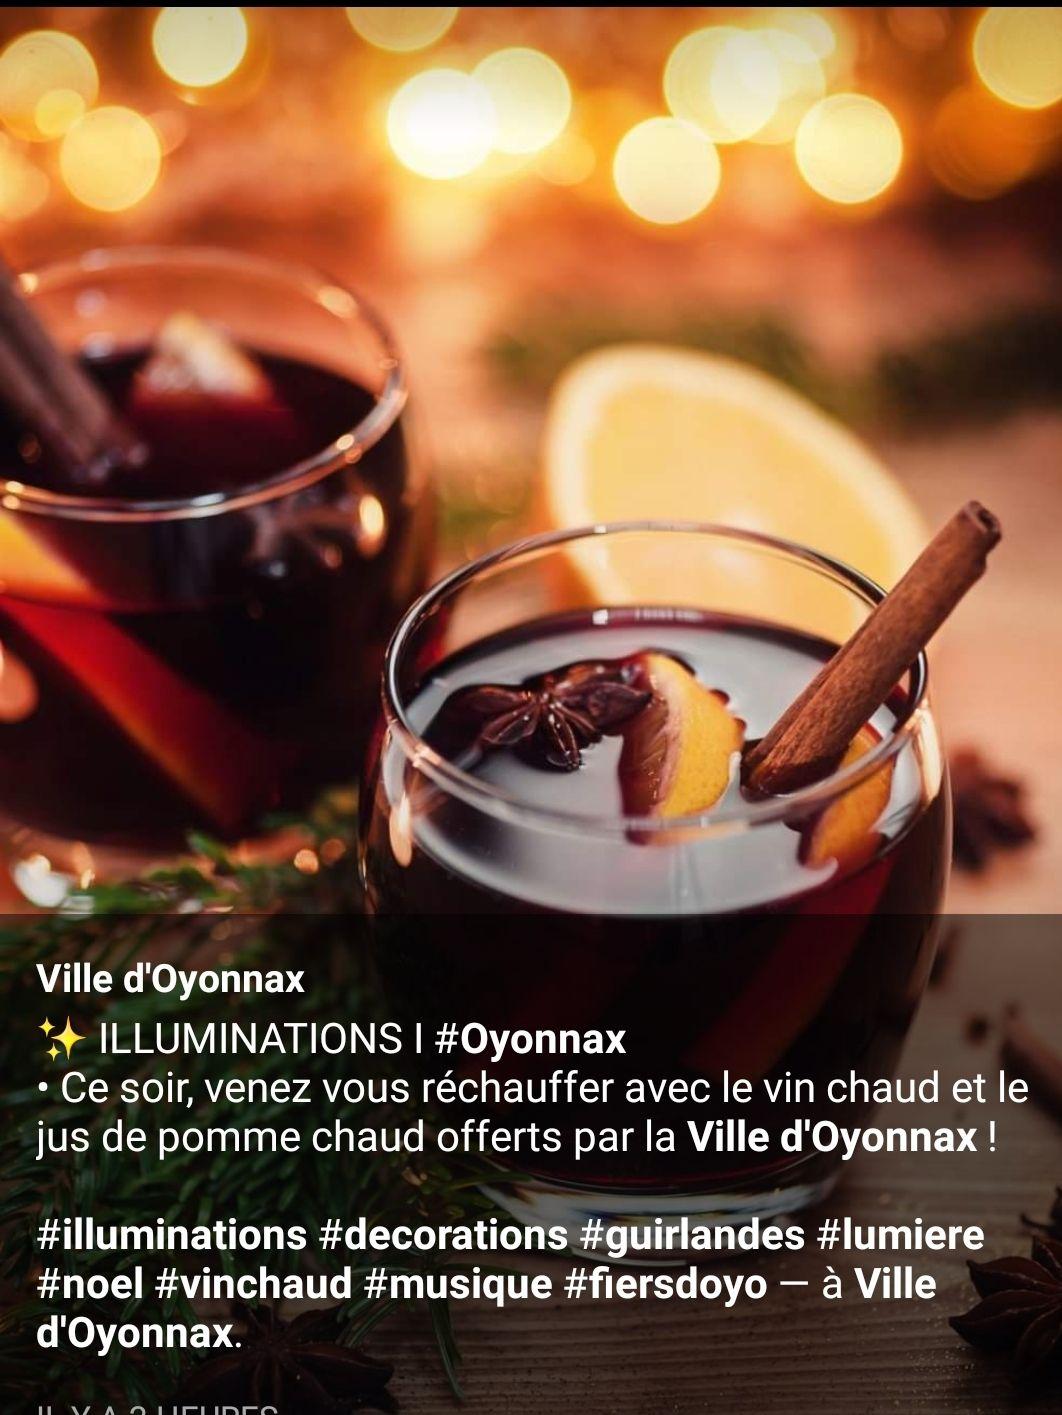 Vin chaud et Jus de pomme chaud gratuit - Oyonnax (01)